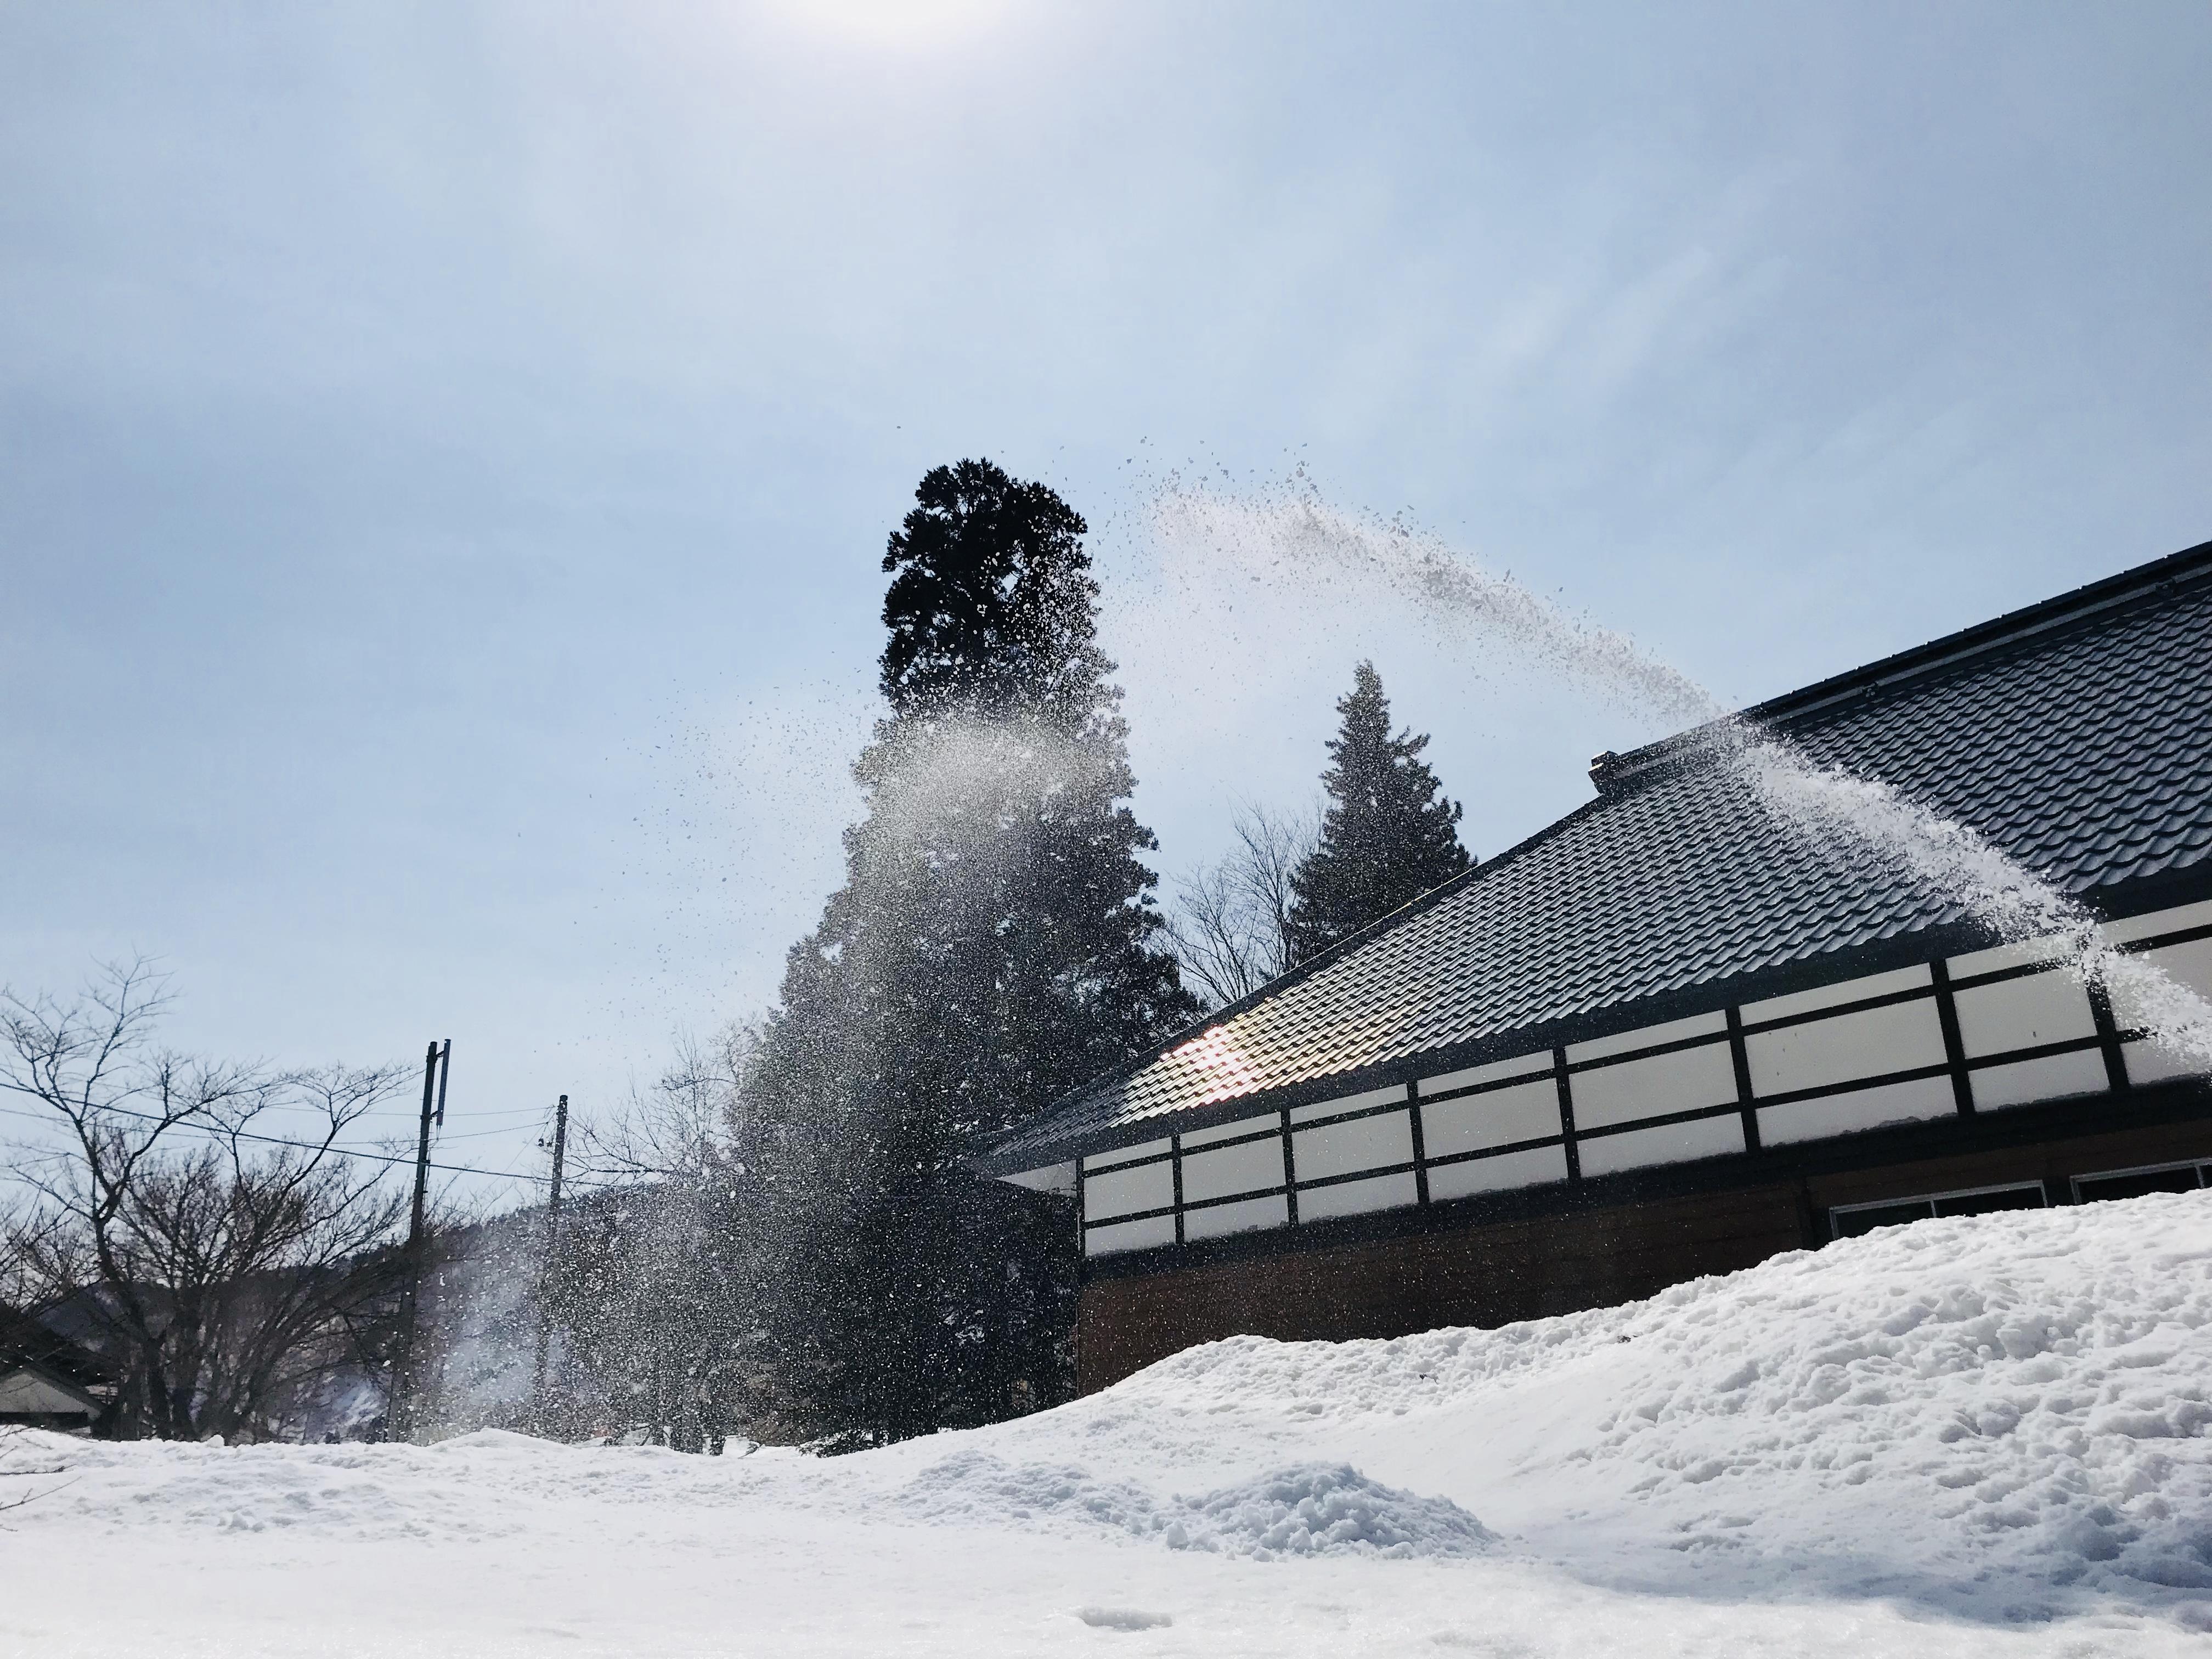 除雪機を使った除雪作業